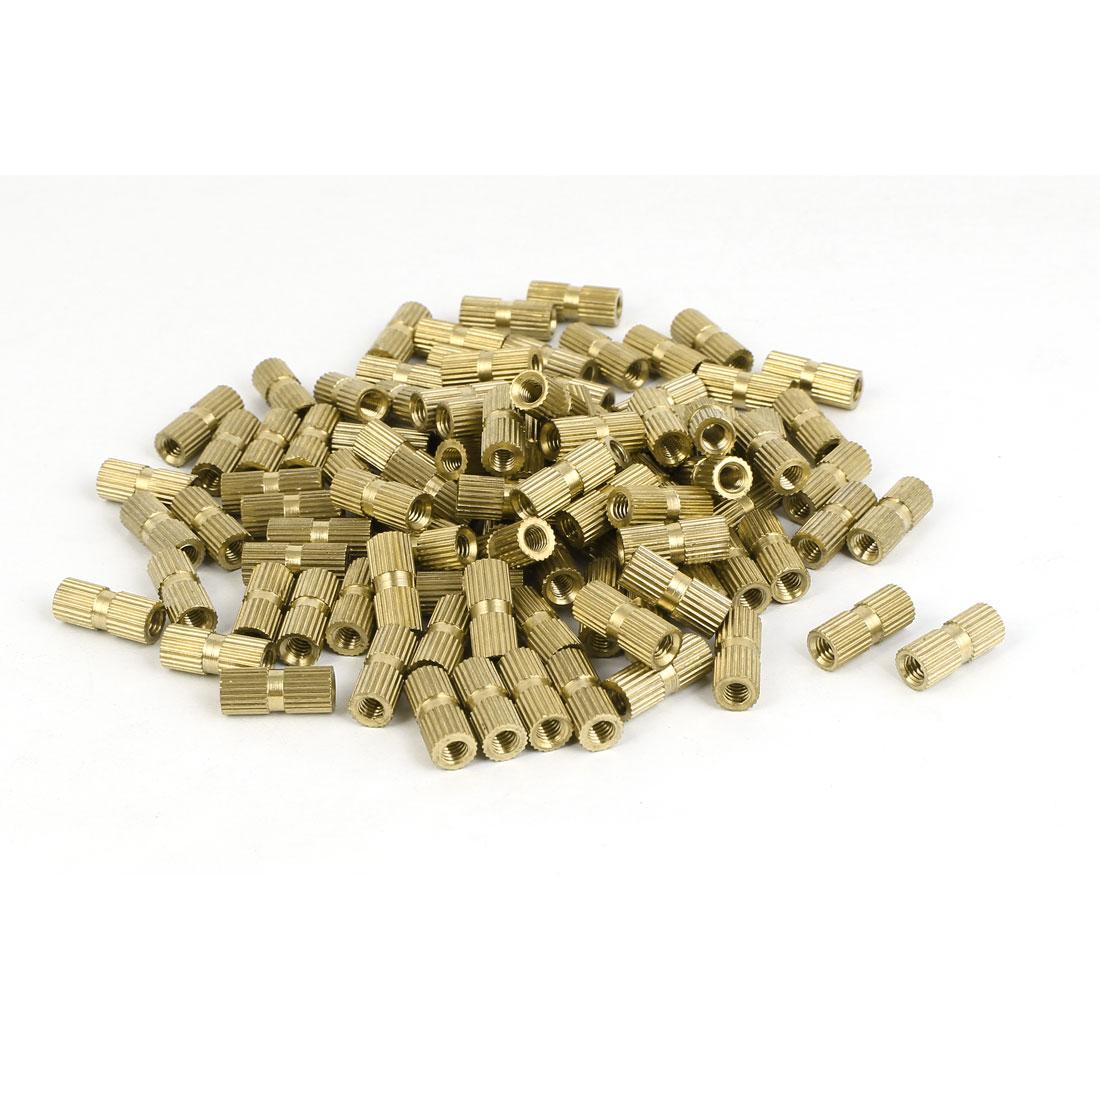 M4 x 15mm Female Thread Brass Knurled Threaded Insert Embedment Nuts 100PCS